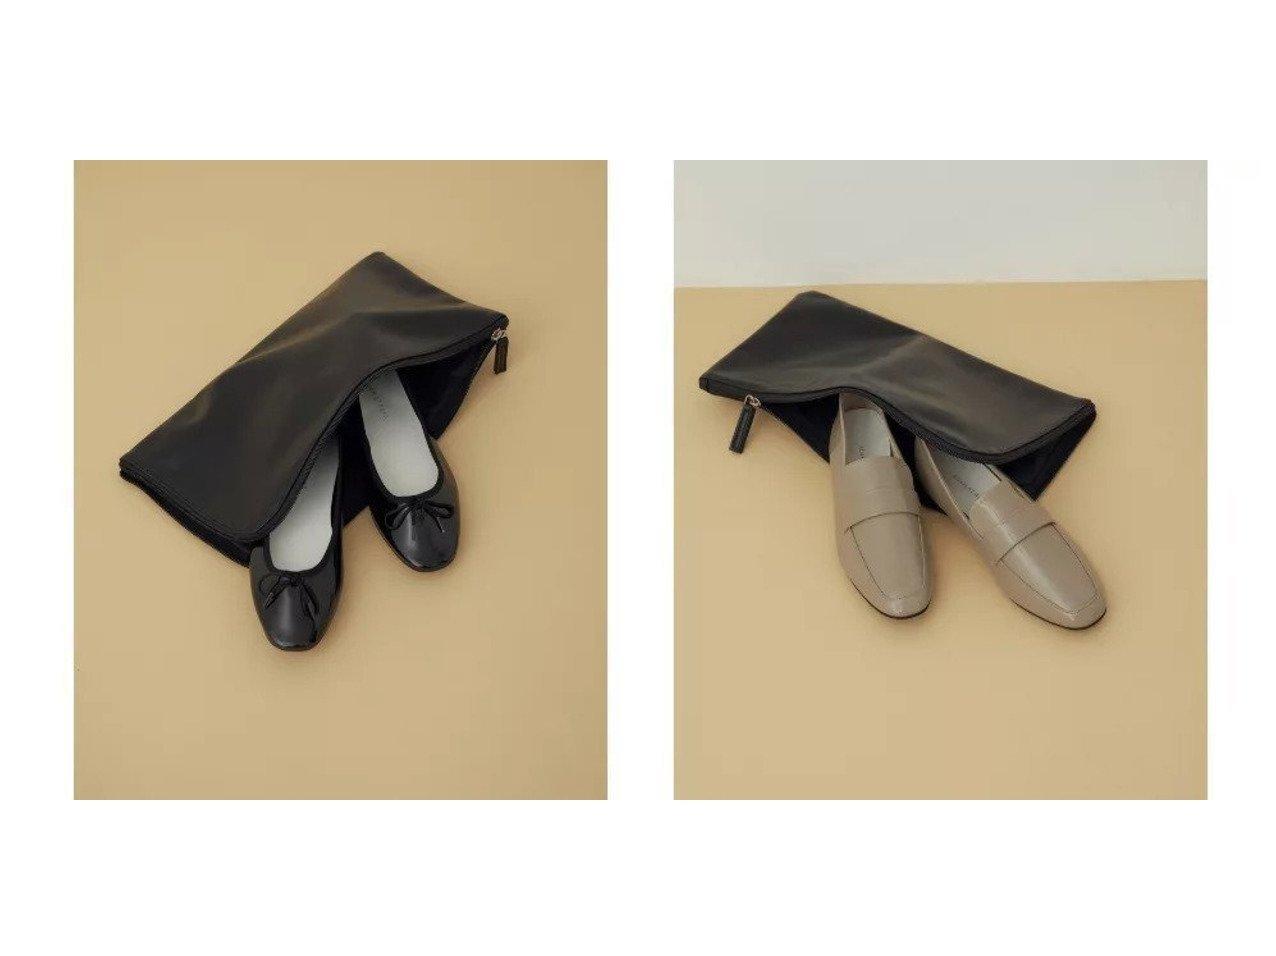 【ADAM ET ROPE'/アダム エ ロペ】のレインバレエシューズ&レインローファー 【シューズ・靴】おすすめ!人気、トレンド・レディースファッションの通販 おすすめで人気の流行・トレンド、ファッションの通販商品 インテリア・家具・メンズファッション・キッズファッション・レディースファッション・服の通販 founy(ファニー) https://founy.com/ ファッション Fashion レディースファッション WOMEN エナメル 春 Spring クッション コンパクト 今季 シューズ スタイリッシュ スリッパ 定番 Standard 人気 バレエ ポーチ レイン 2021年 2021 S/S・春夏 SS・Spring/Summer 2021春夏・S/S SS/Spring/Summer/2021 おすすめ Recommend 夏 Summer |ID:crp329100000049727